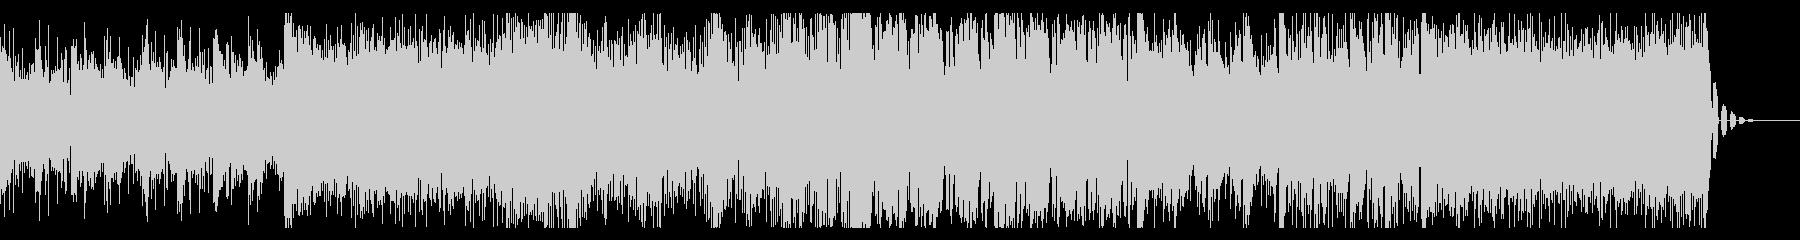 壮大さのあるシネマティックBGMの未再生の波形